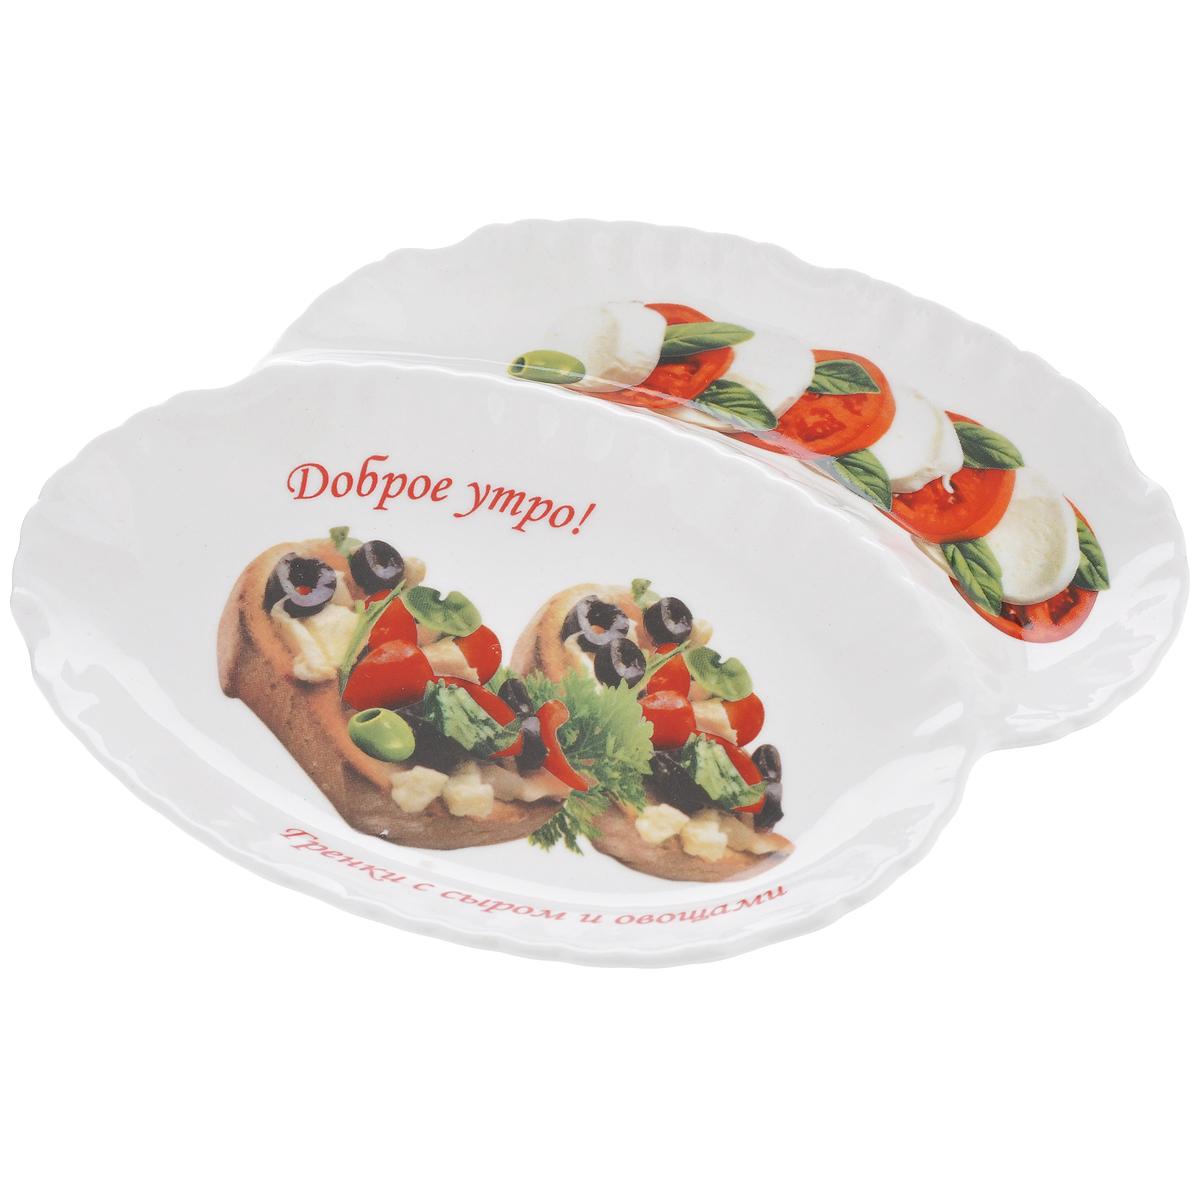 Менажница LarangE Гренки с сыром и овощами, 2 секции589-301Изящная менажница LarangE Гренки с сыром и овощами, выполненная из высококачественного прочного фарфора, состоит из двух секций. Некоторые блюда можно подавать только в менажнице, чтобы не произошло смешение вкусовых оттенков гарниров. Также менажница может быть использована в качестве посуды для нескольких видов салатов или закусок. Менажница LarangE Гренки с сыром и овощами станет замечательной деталью сервировки и великолепным украшением праздничного стола. Можно использовать в СВЧ печах, духовом шкафу и холодильнике. Не применять абразивные чистящие вещества. Количество секций: 2. Размер секций менажницы: 16,5 см х 11 см; 16,5 см х 4,5 см. Высота стенки менажницы: 2,5 см.